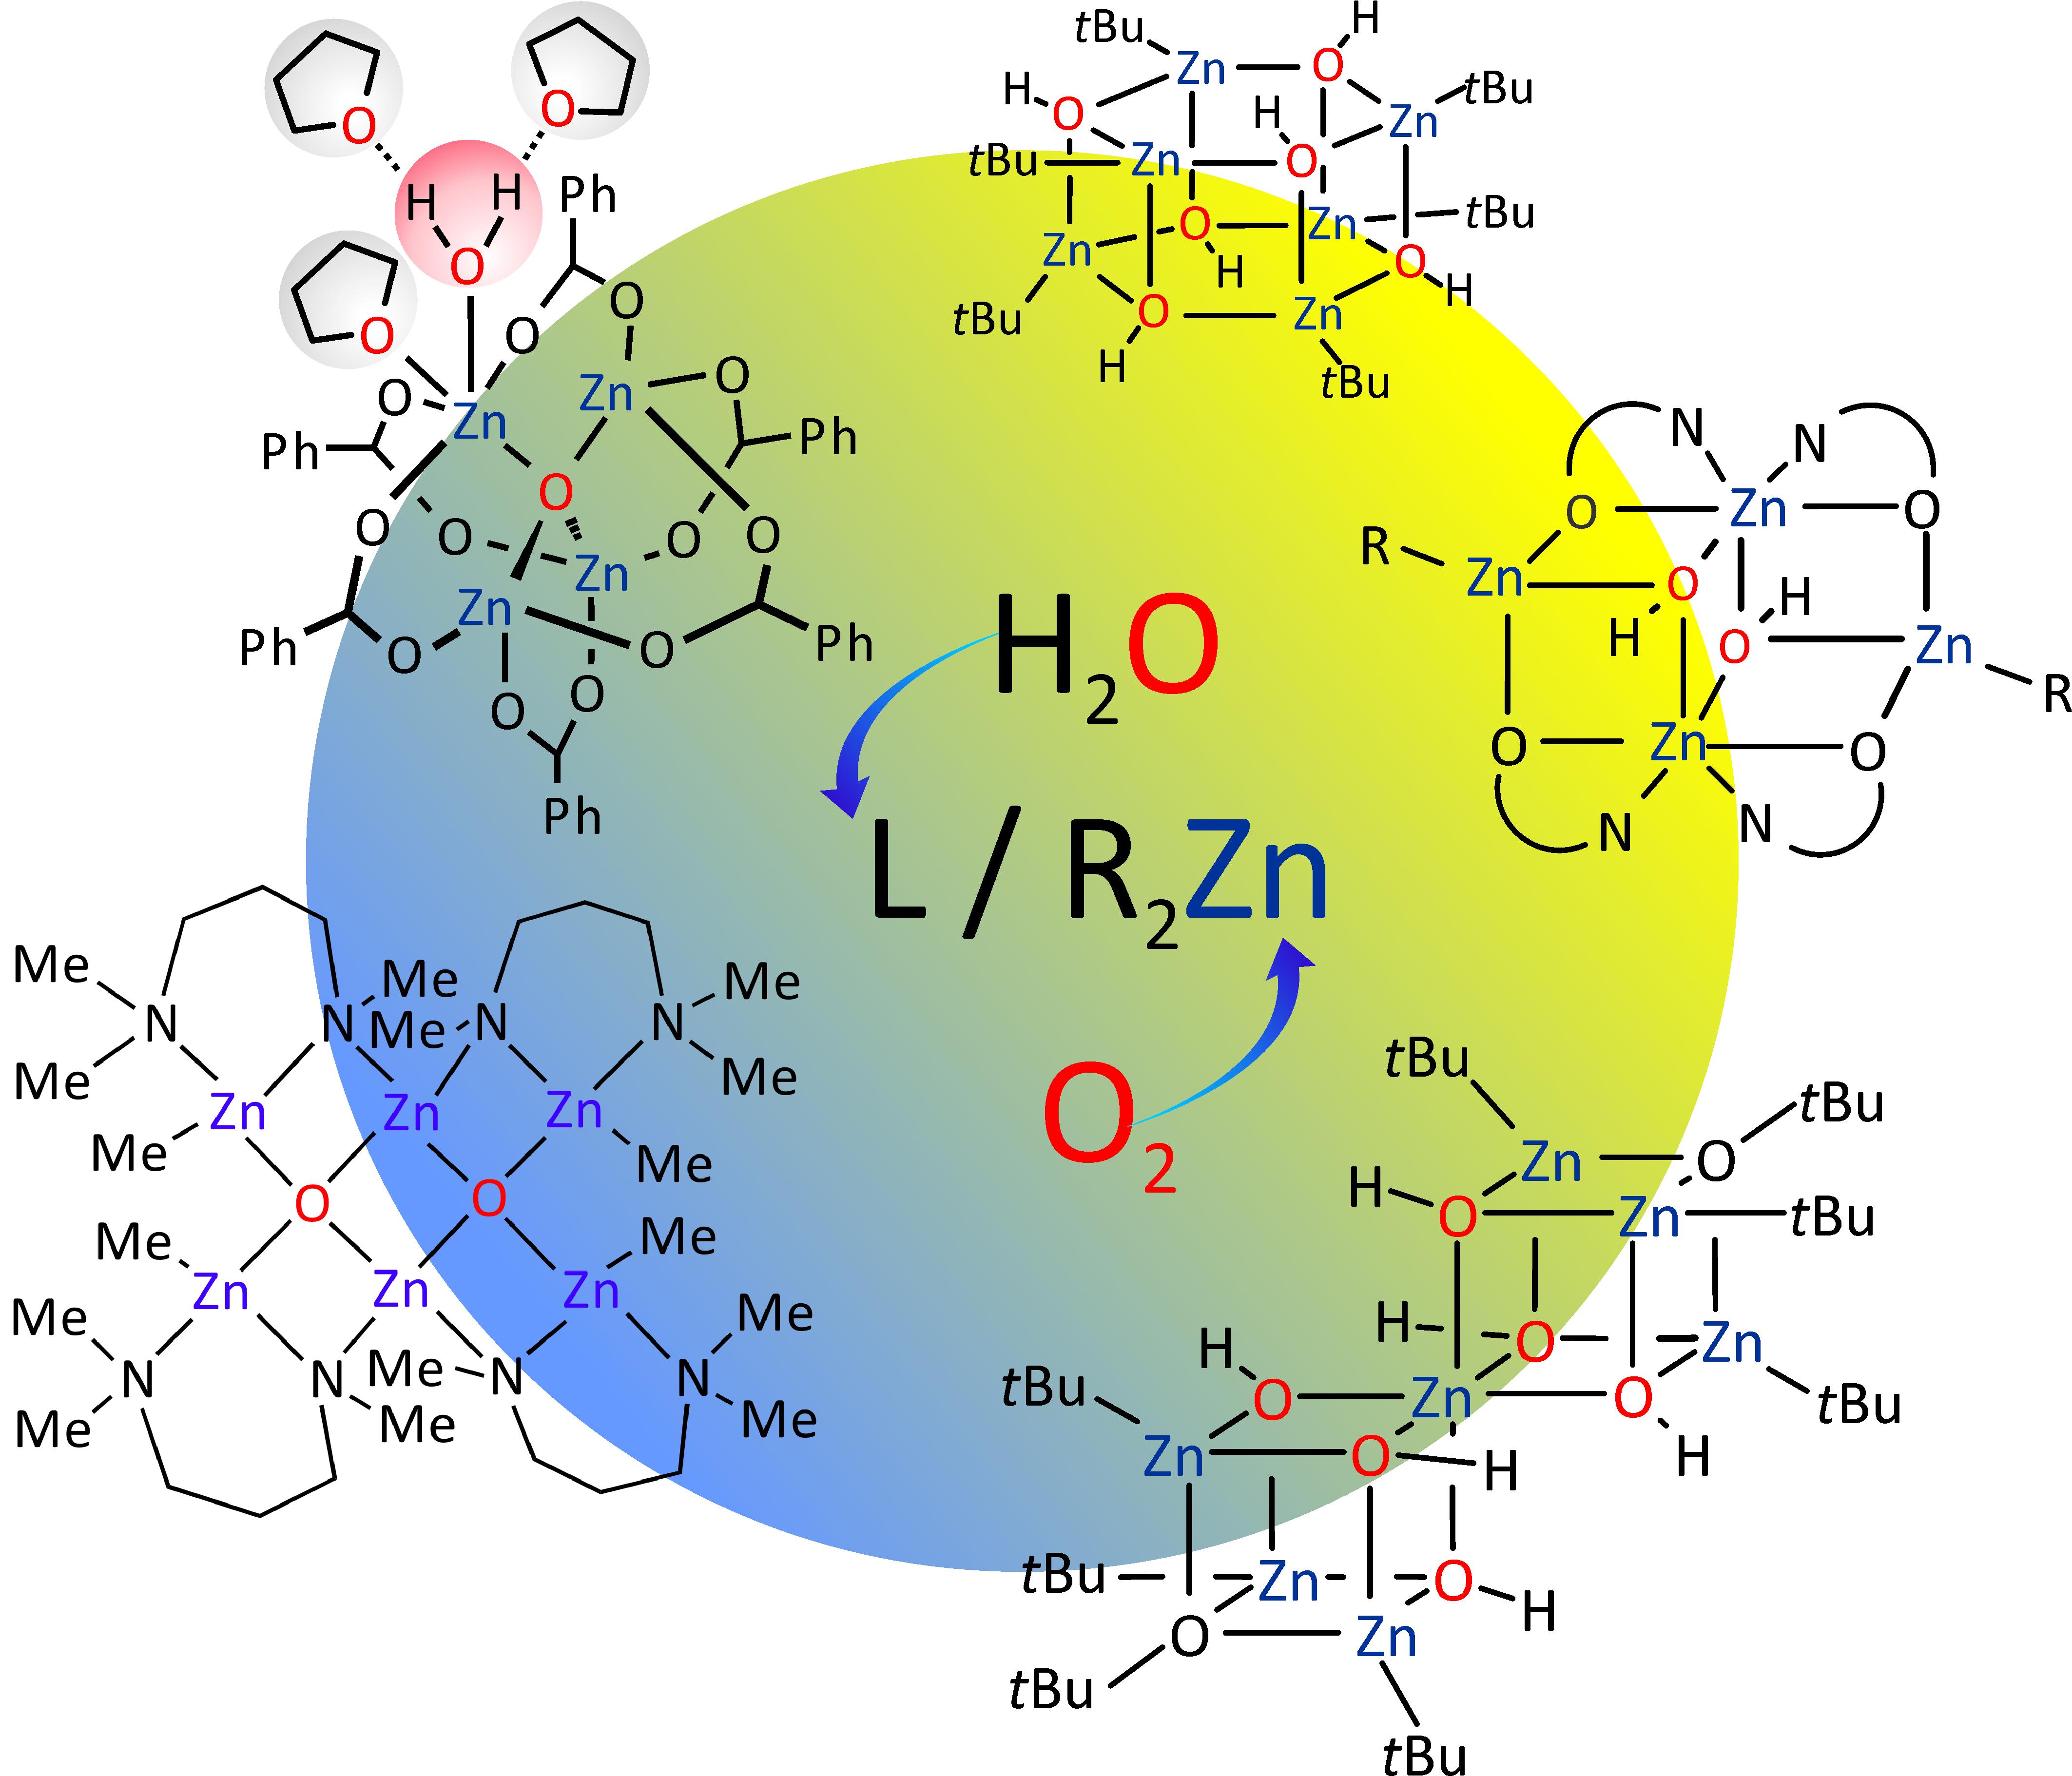 coorchemrev2014hydroxides